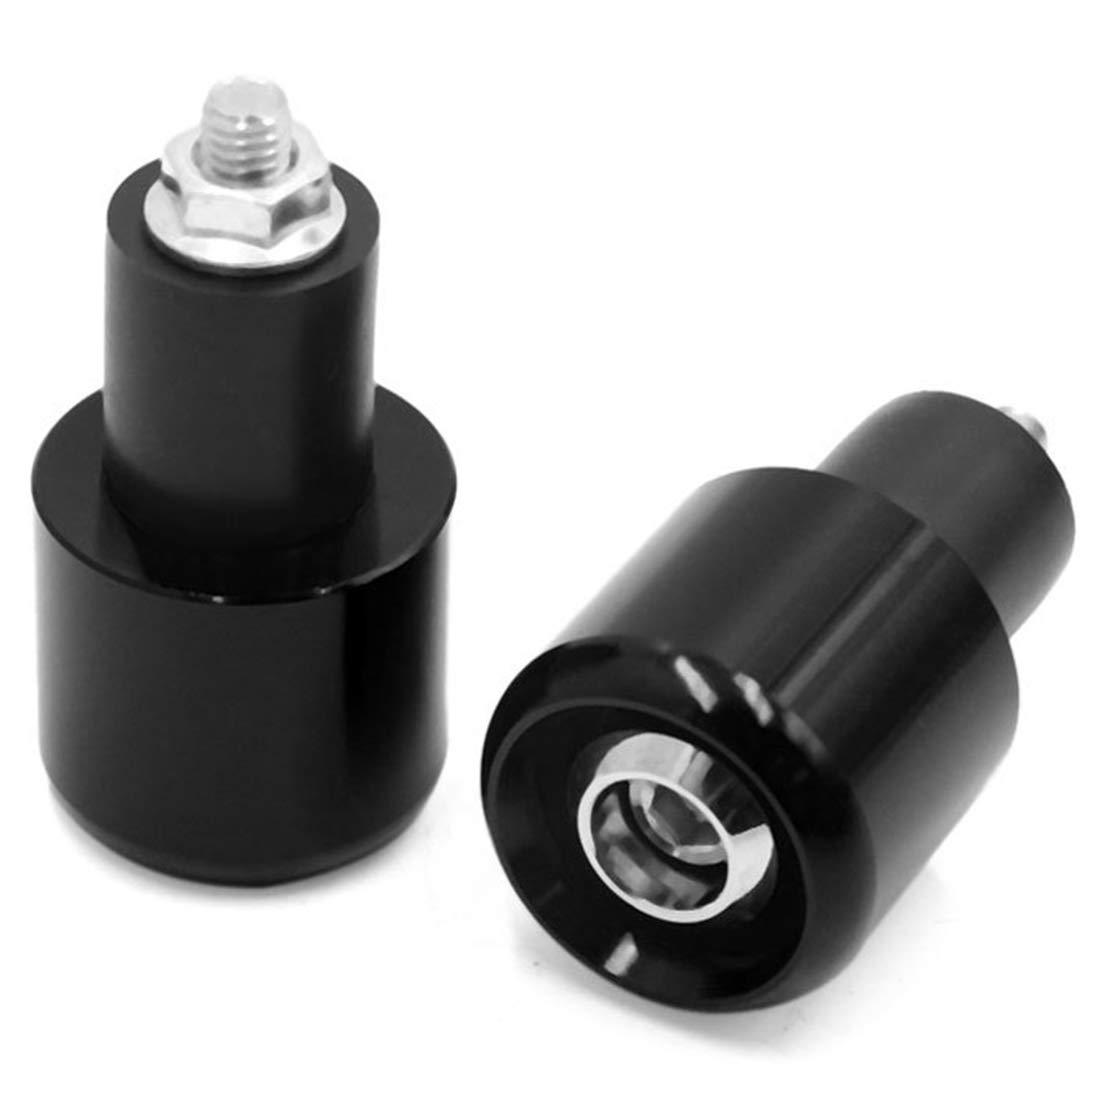 Black AUTUT 2Pcs 7//8 Universal Motorcycle Aluminum Grips Handle Bar End Plug End Caps